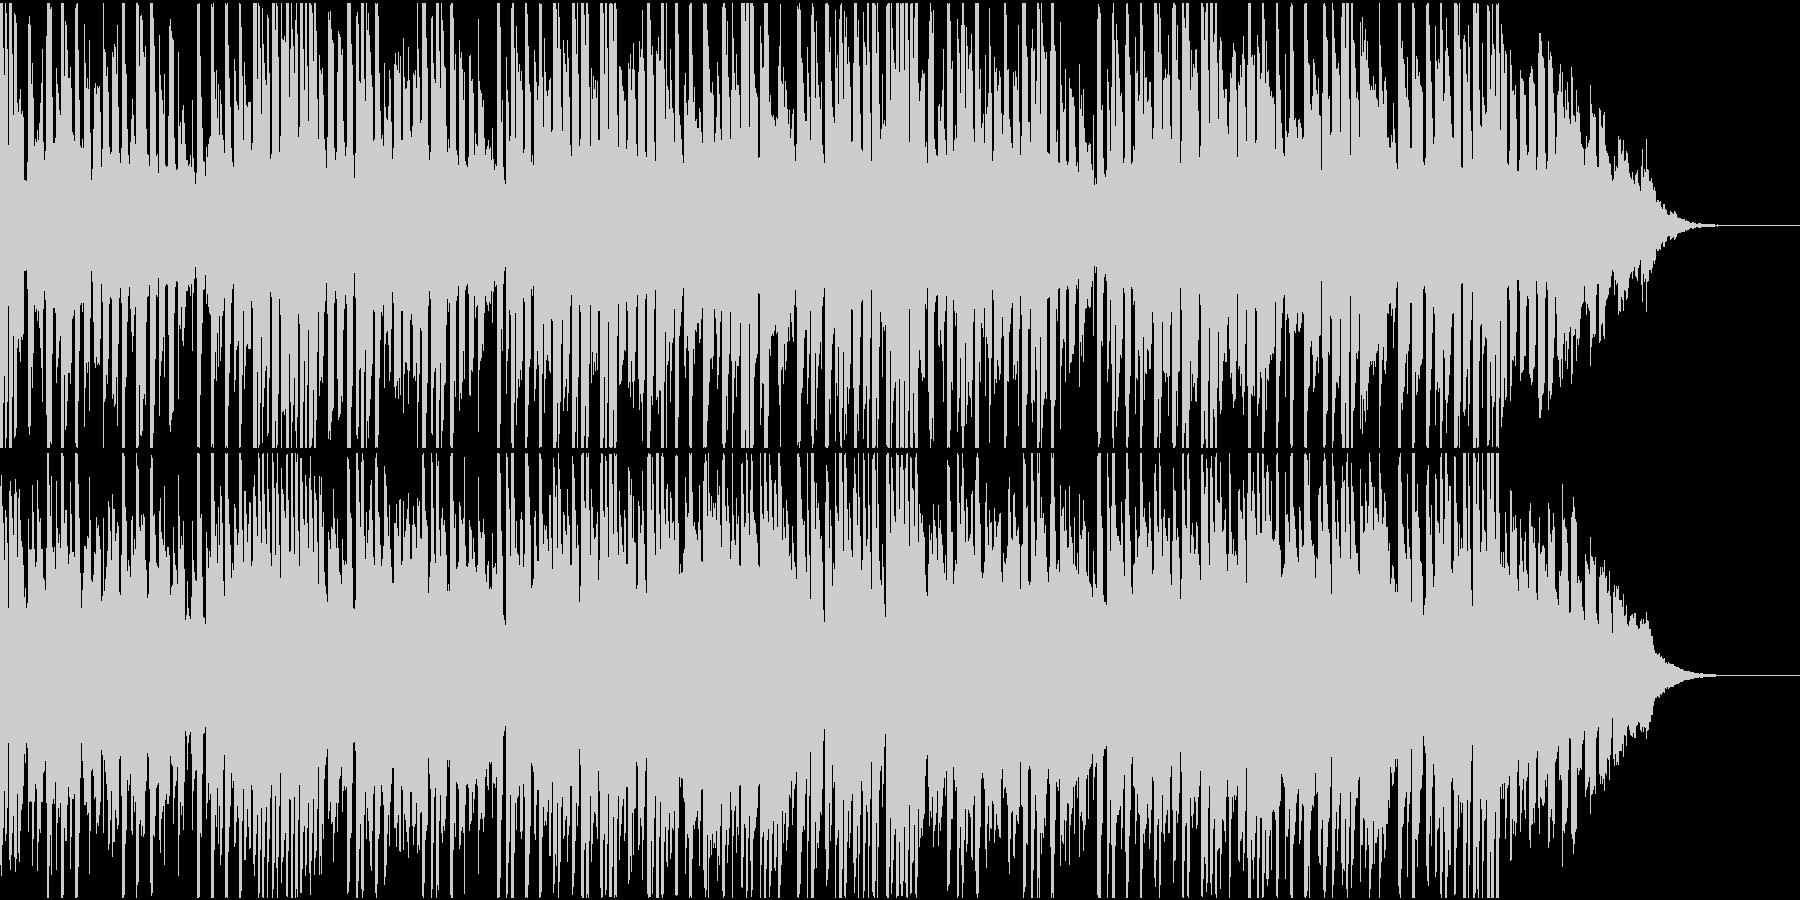 ニュース、CMなどの映像BGMにの未再生の波形